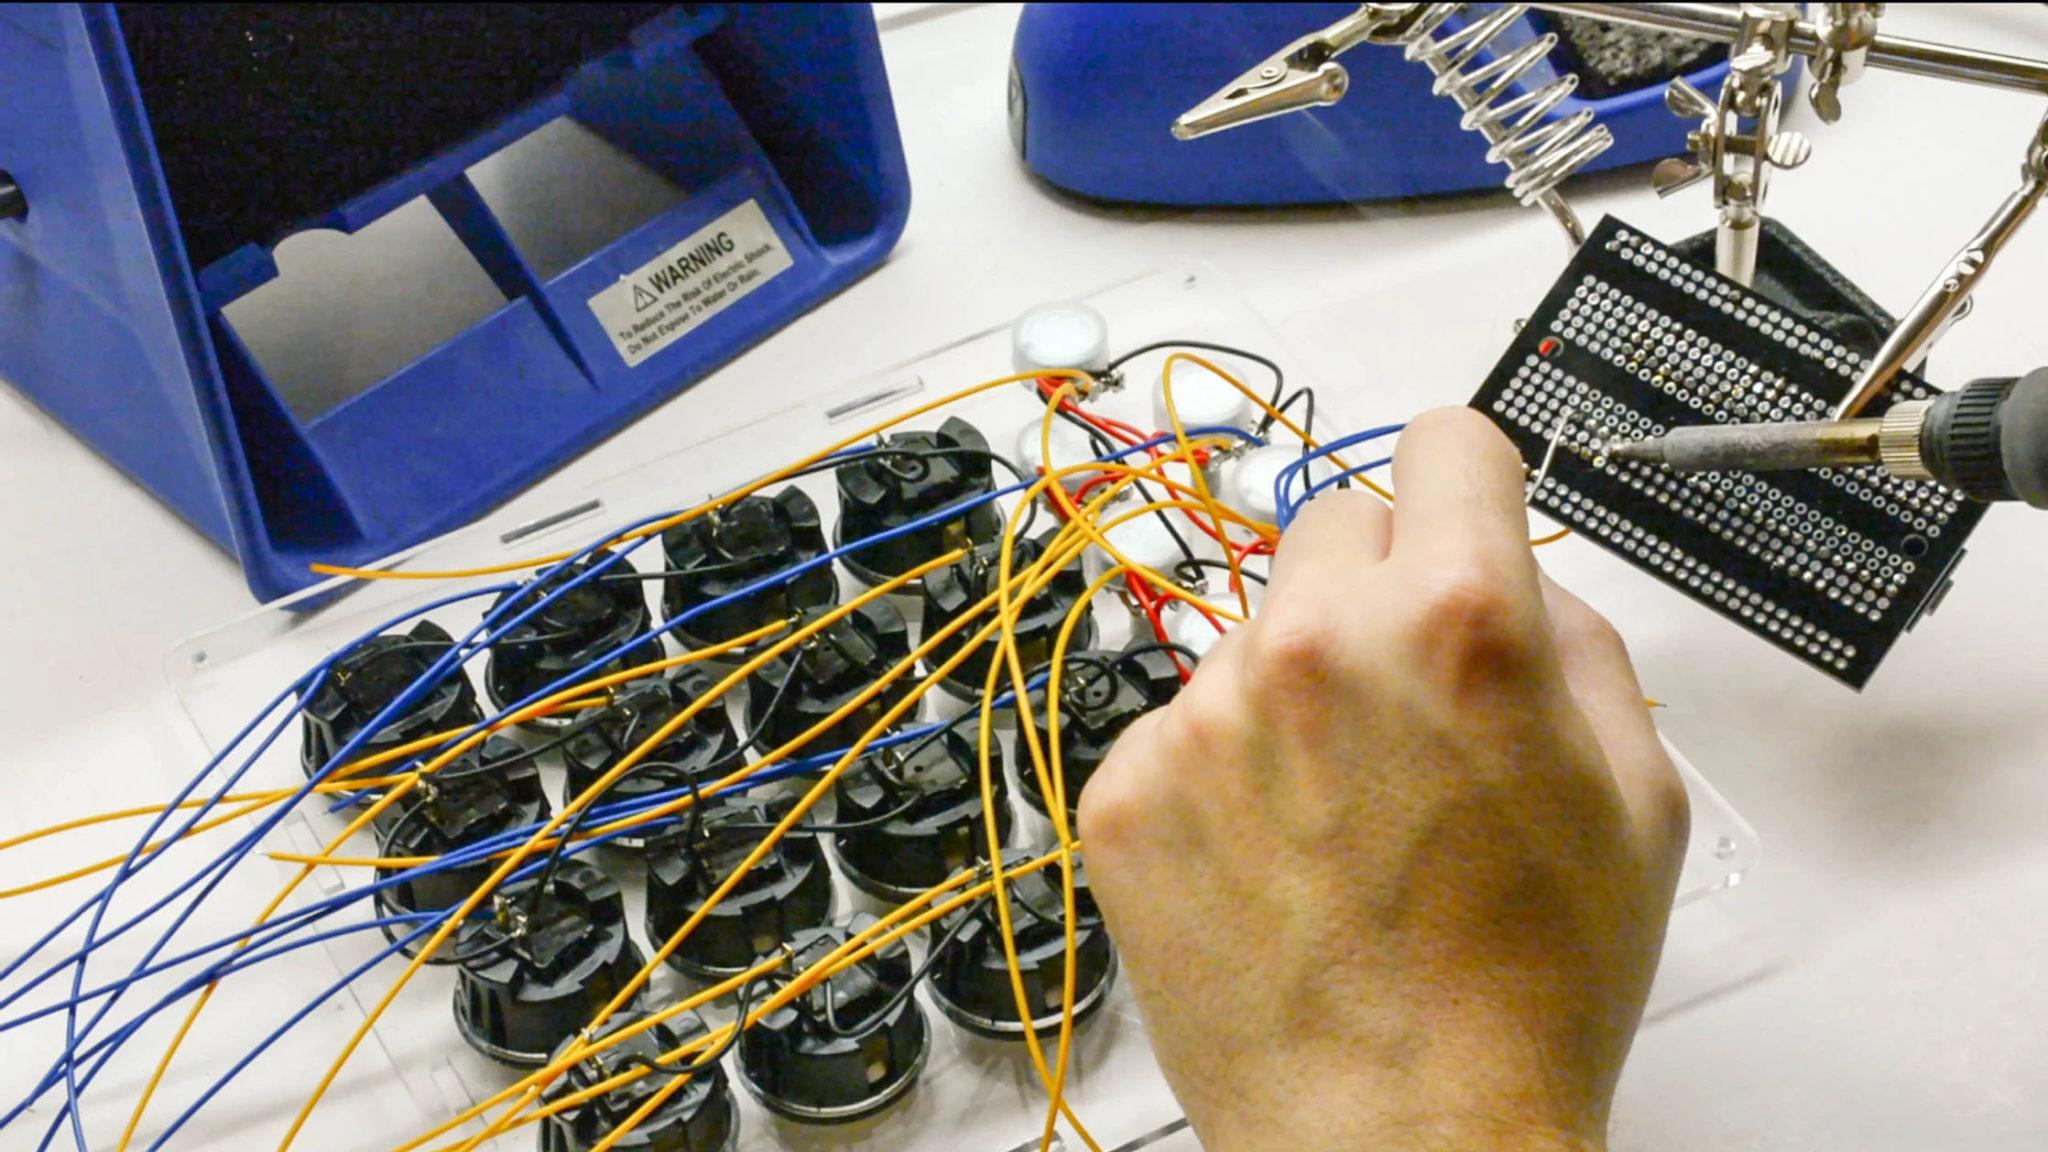 01-soldering-breadboard